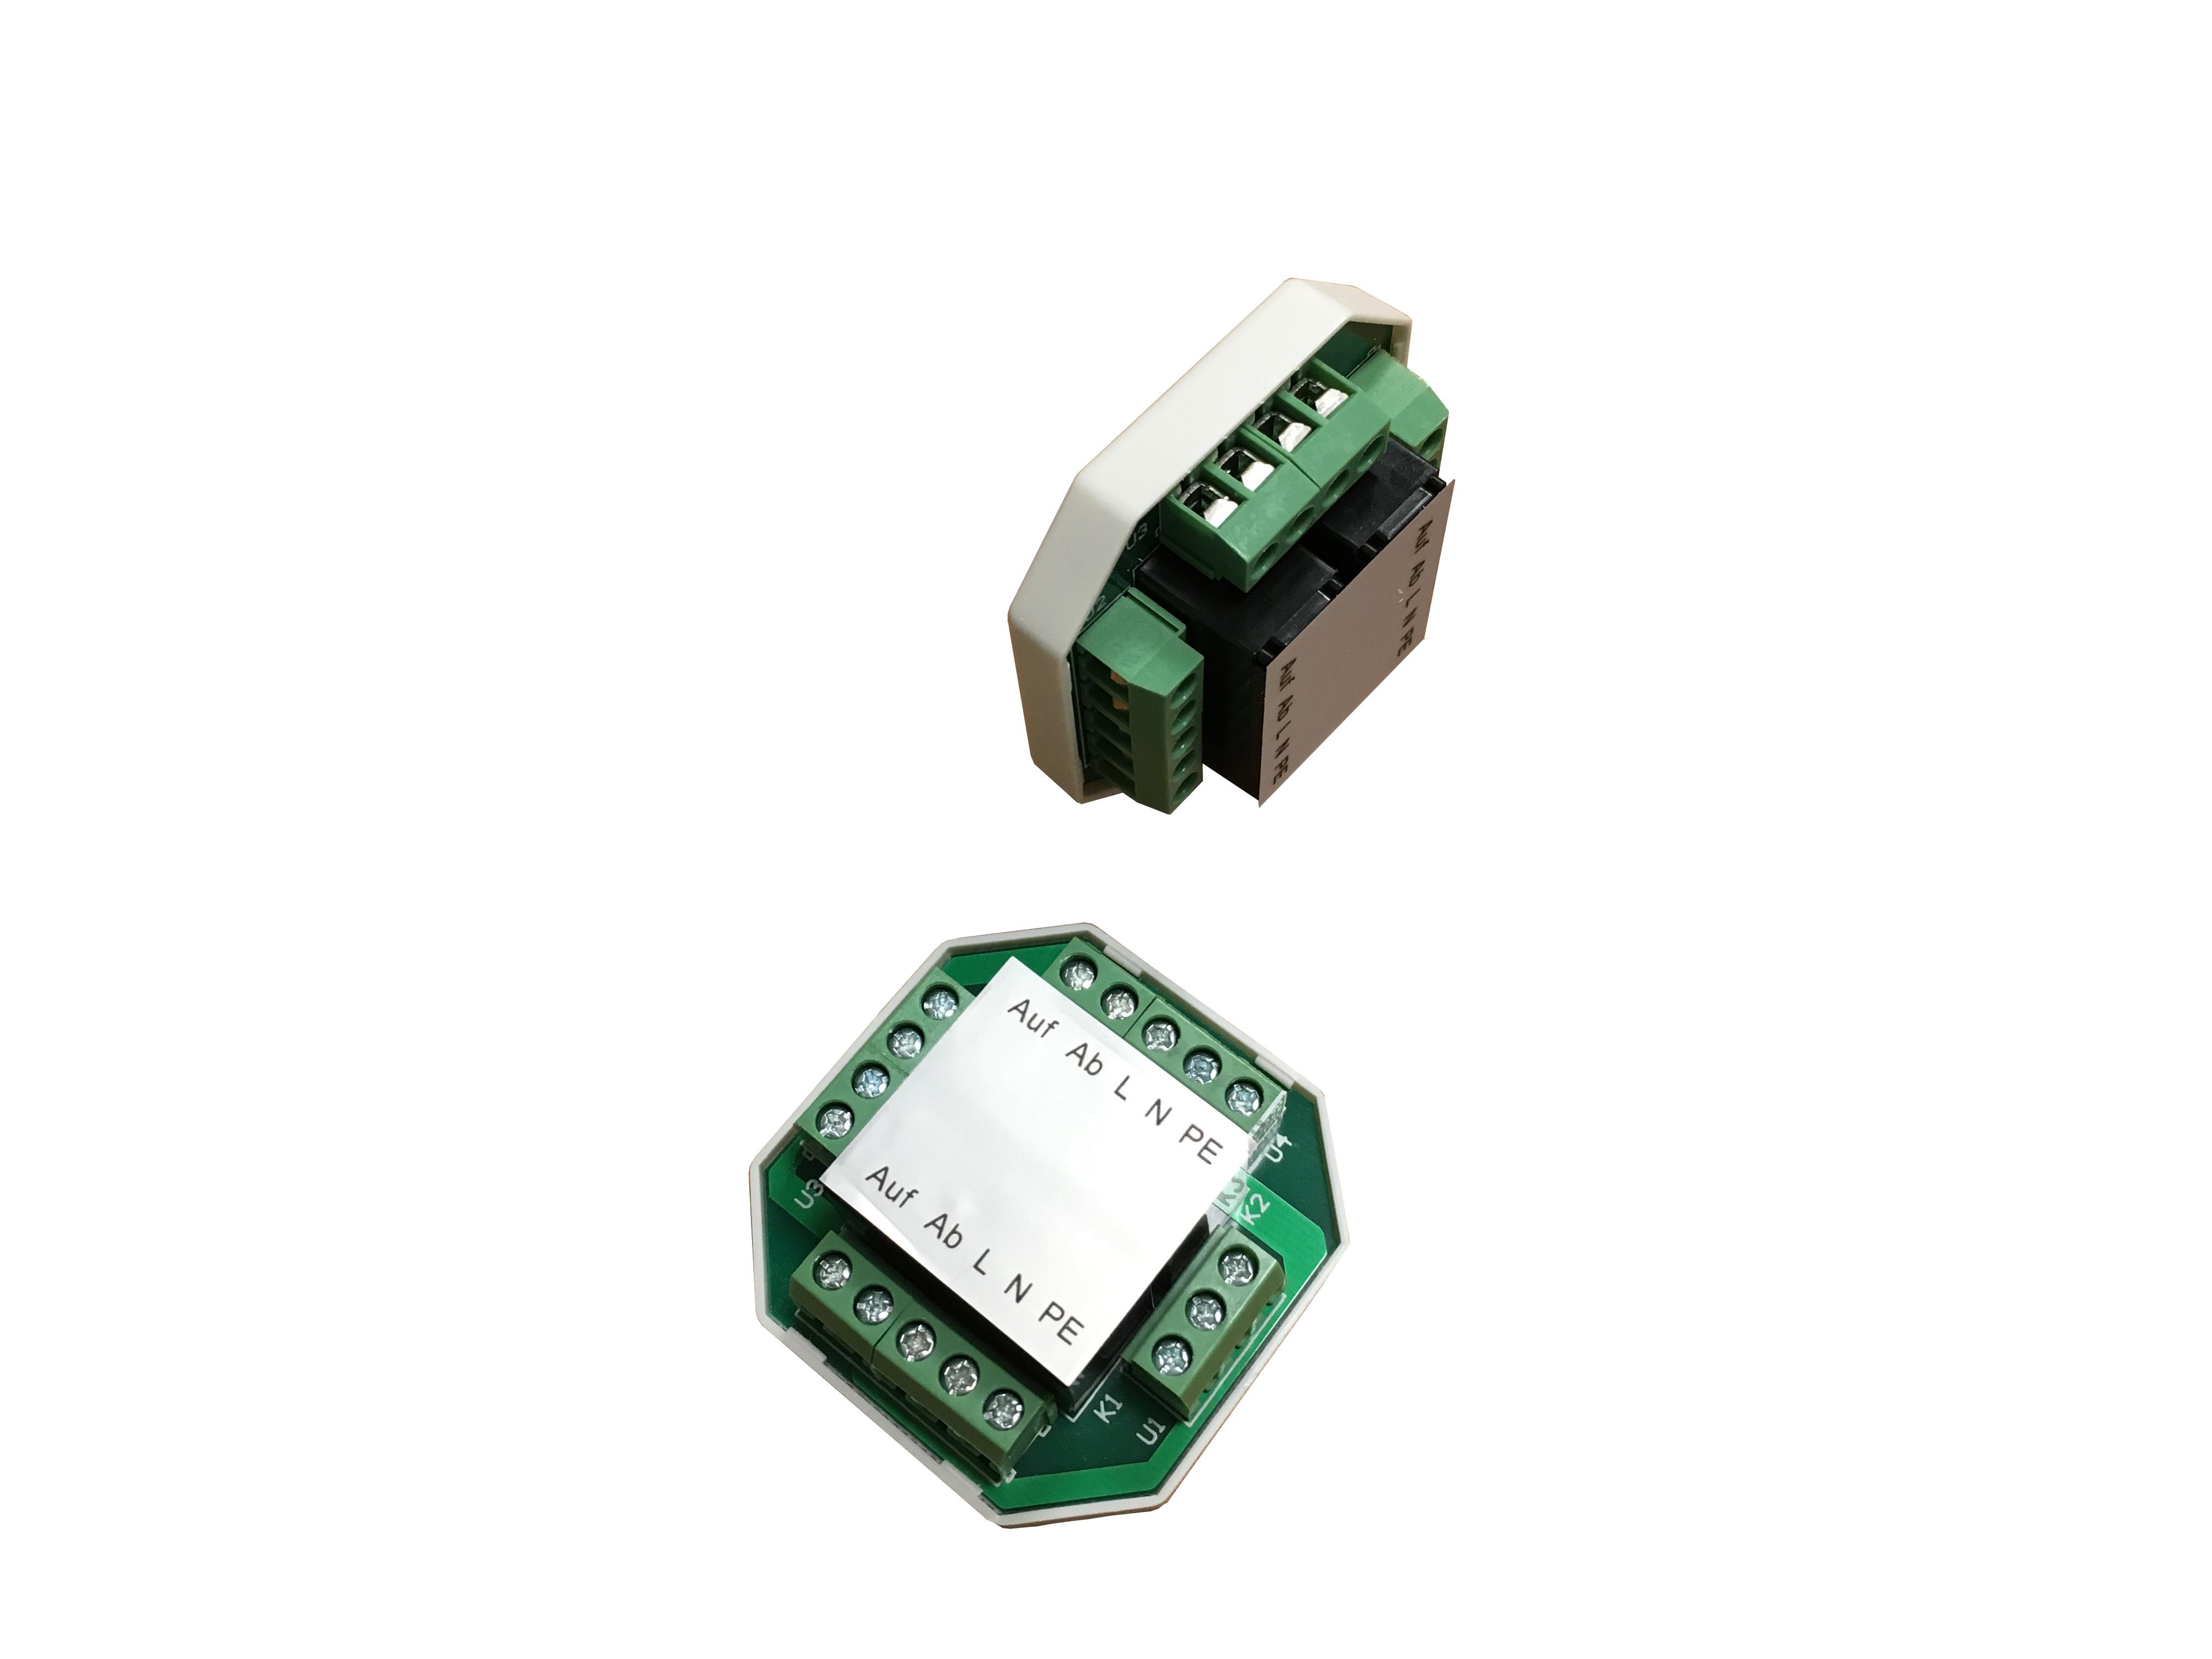 Schema Elettrico Per Motore Tapparelle : Modulo di comando filare atecnica ma per automazione tapparelle e